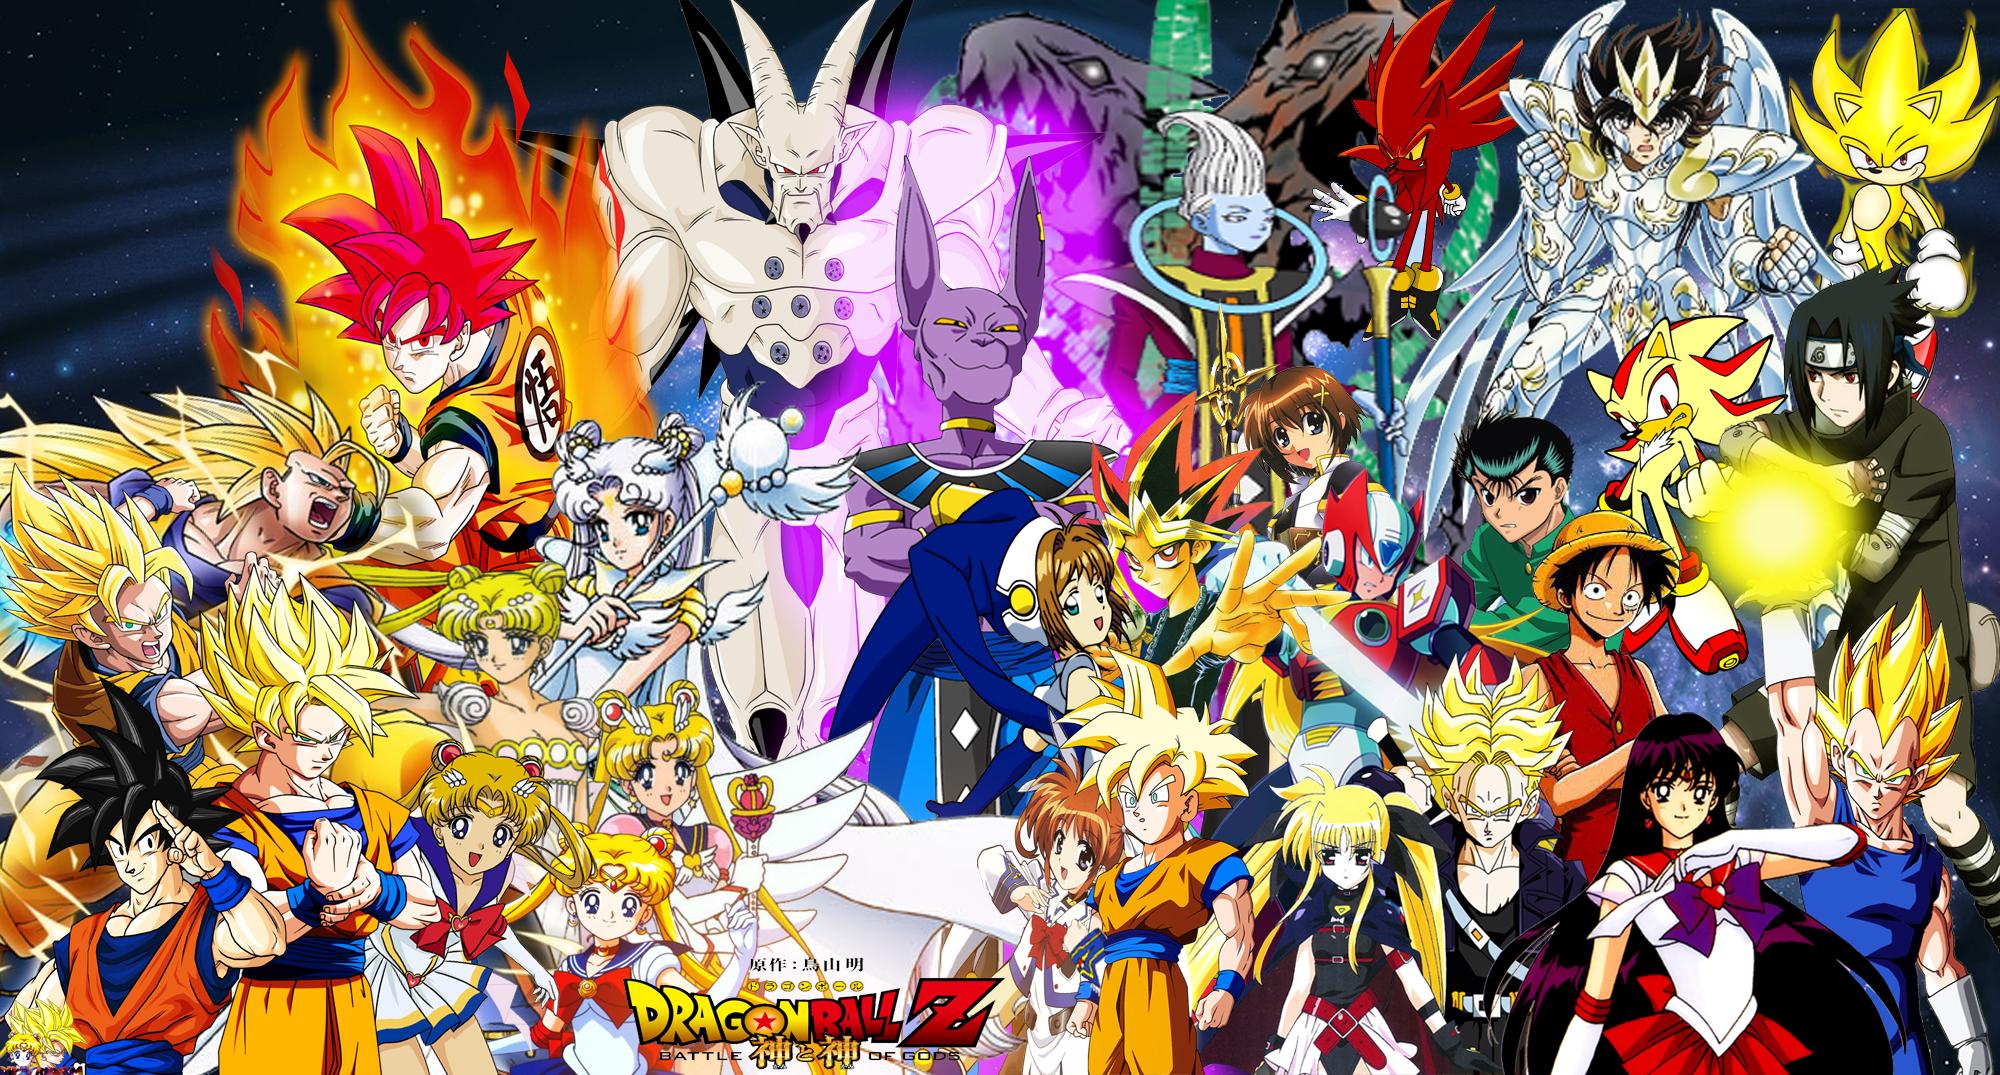 30 Gods Of Dragon Ball Wallpapers On Wallpapersafari